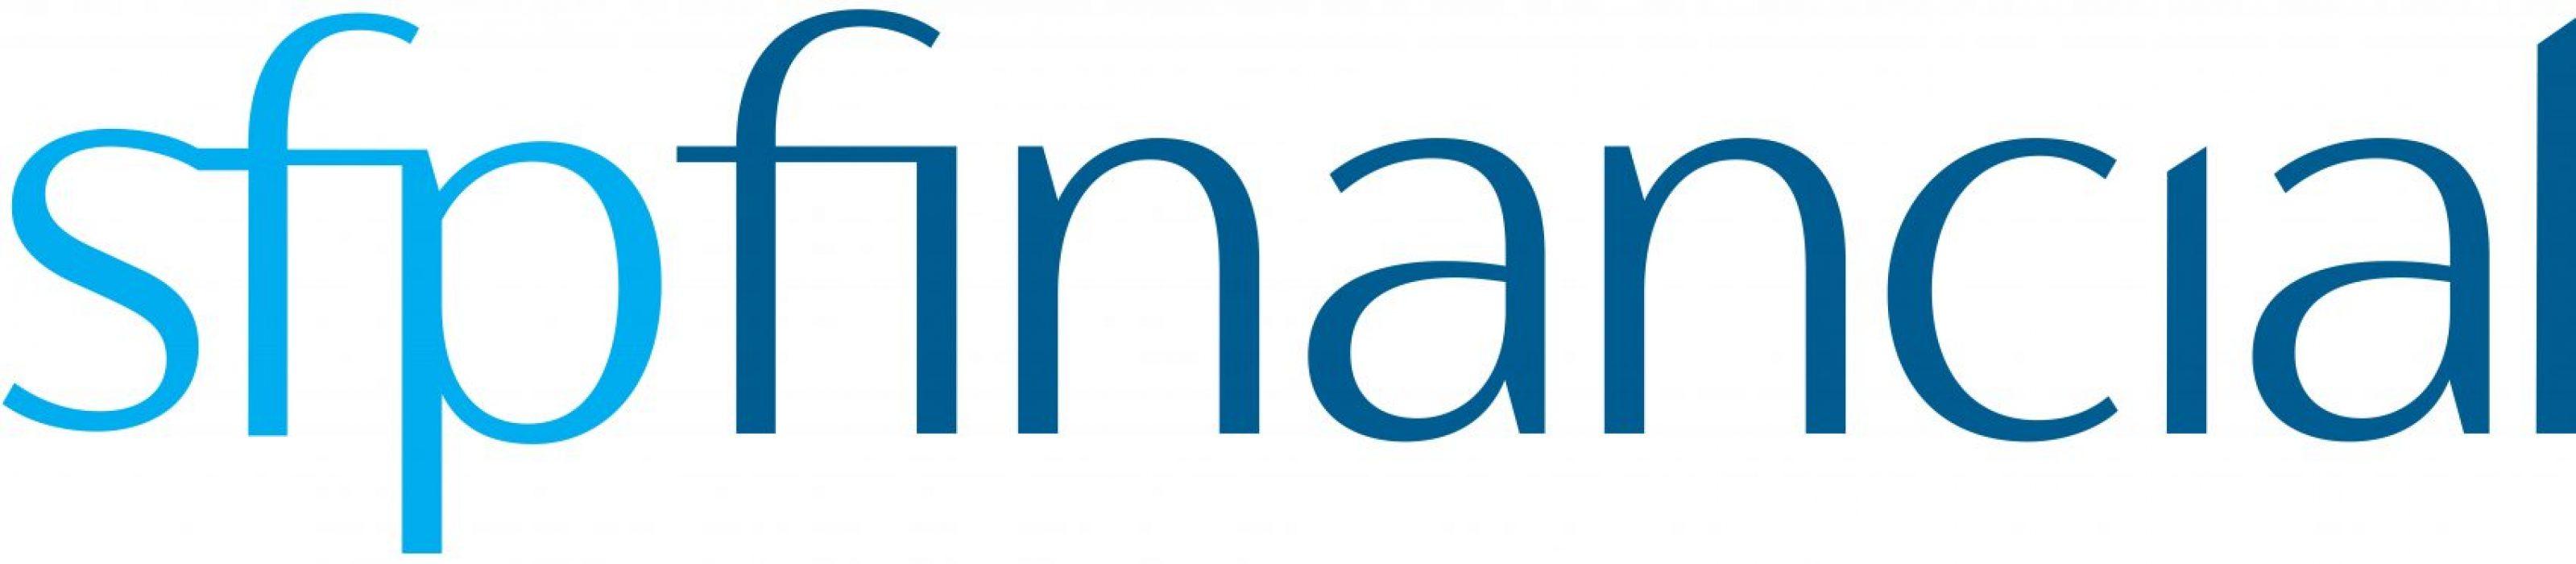 SFP-logo-no-icon